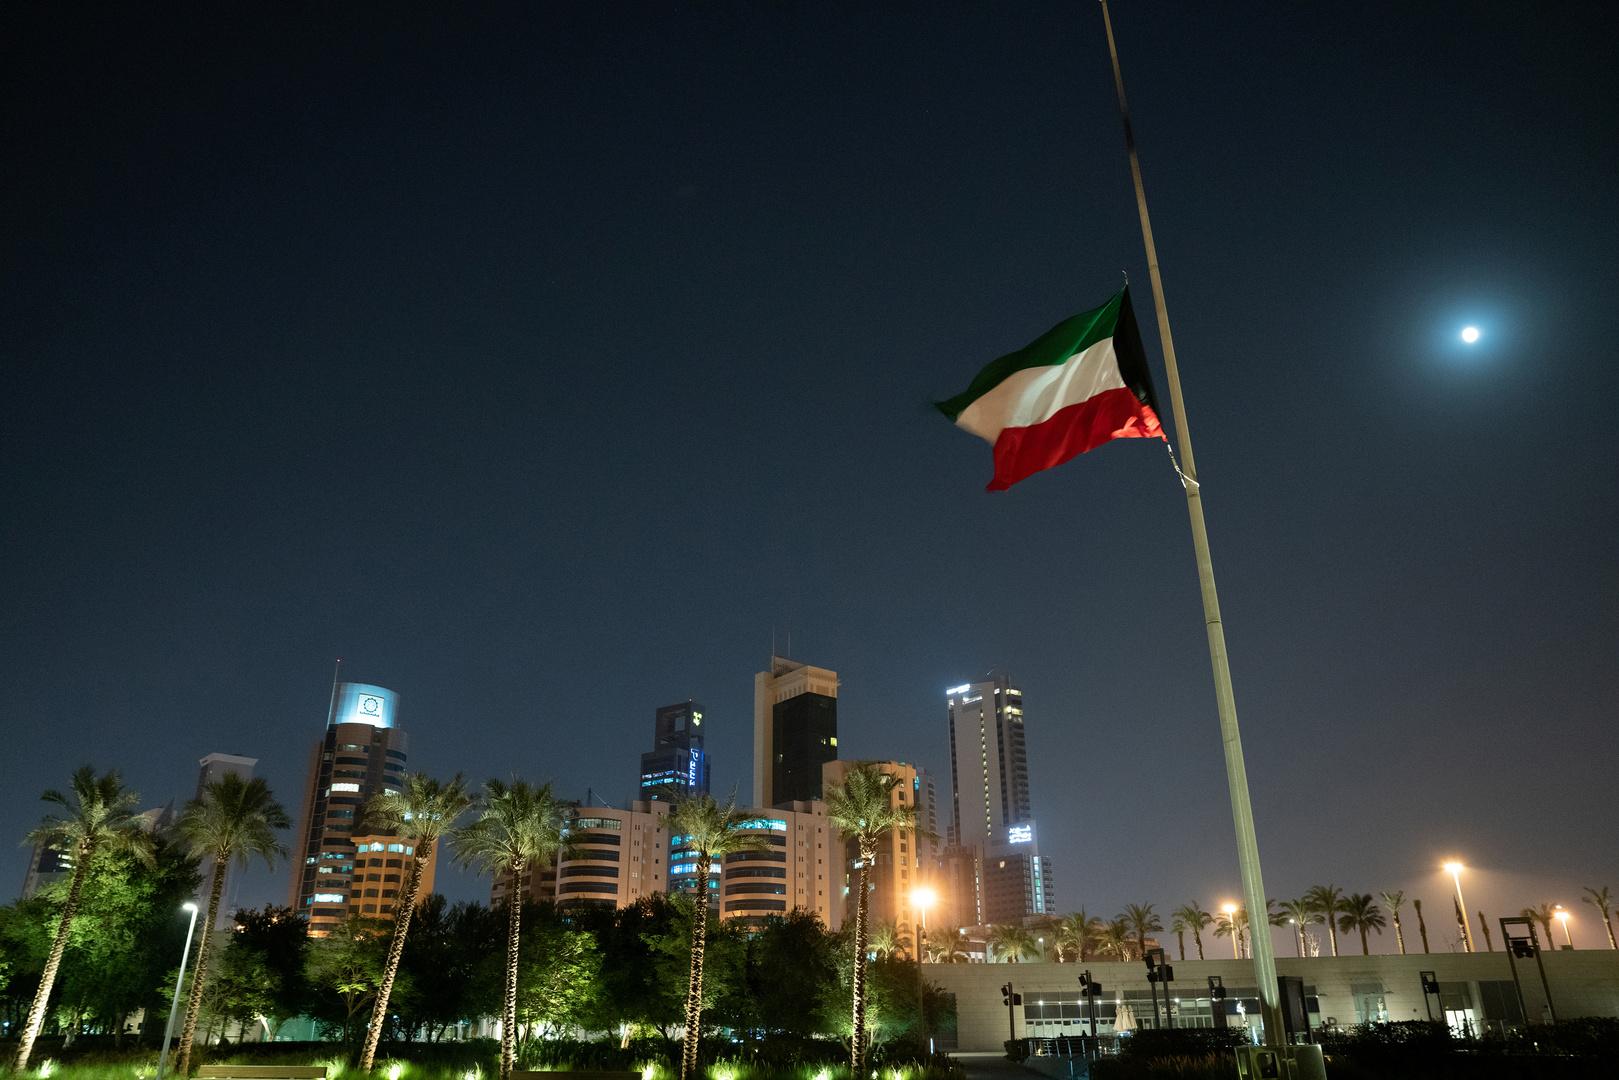 النيابة العامة الكويتية تطلب رفع السرية المصرفية عن 13 شخصا من بينهم نجل مسؤول رفيع سابق